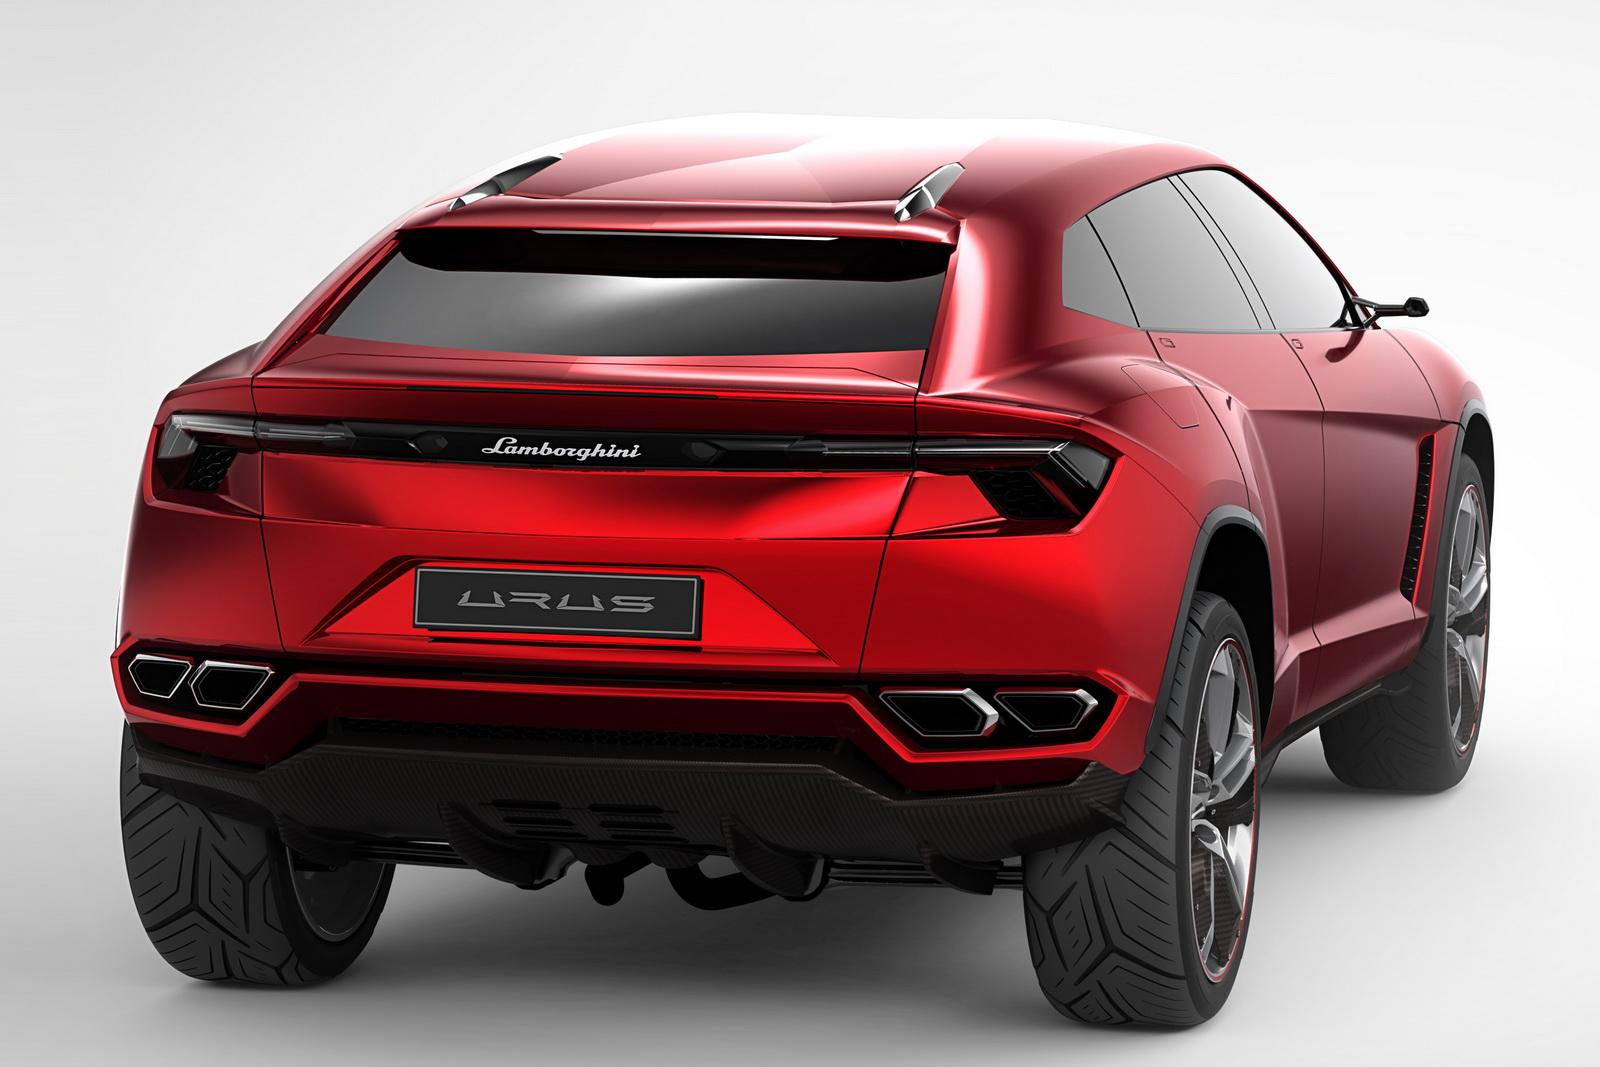 2017 Lamborghini Urus HD Pictures